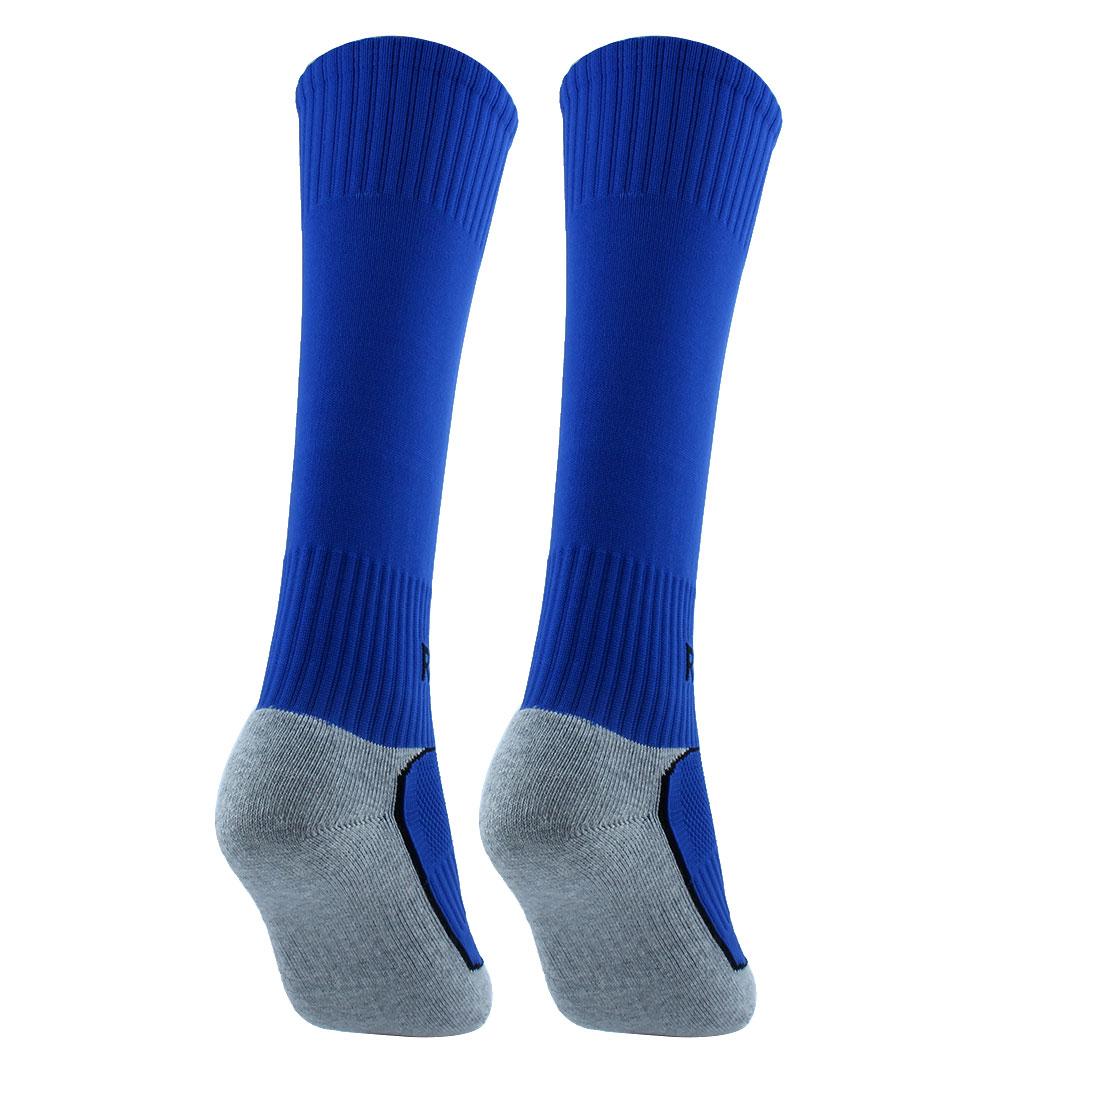 R-BAO Gar on autorisé Coton Sport Soccer Foot Pair Chaussettes Longues - image 3 de 5